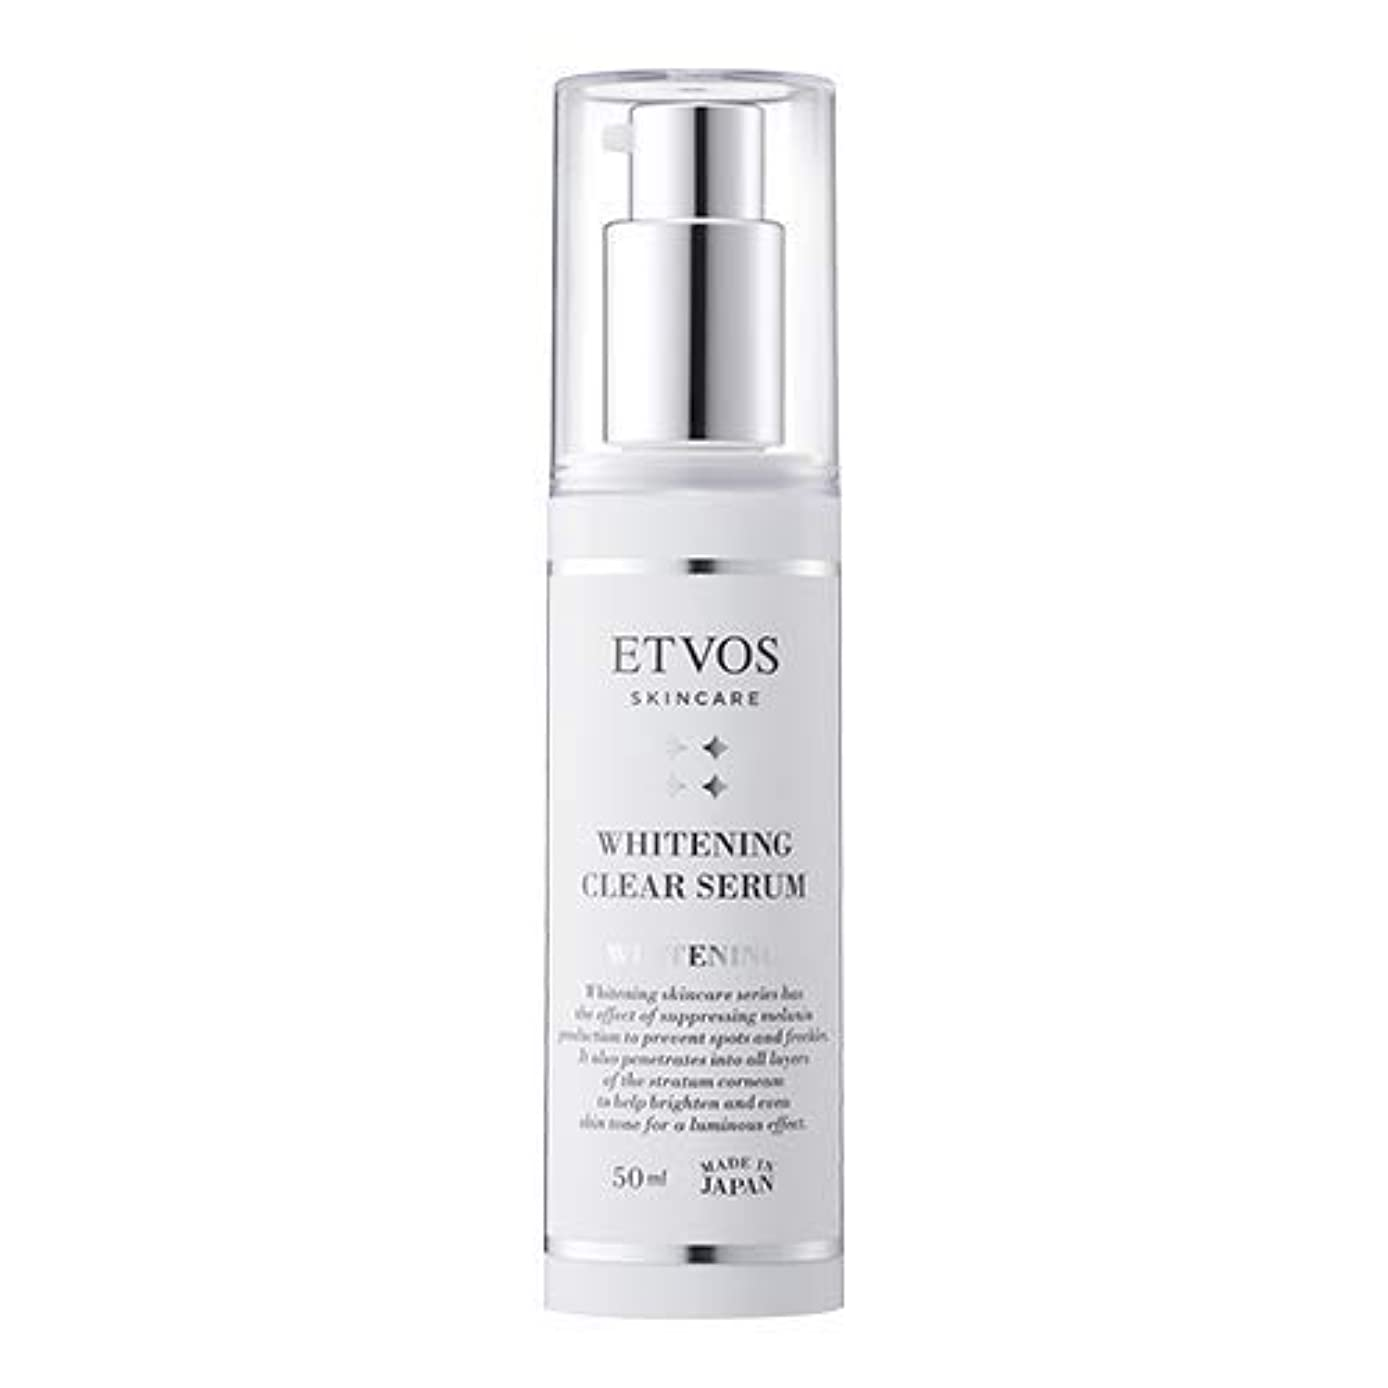 不幸回復改革ETVOS(エトヴォス) 美白美容液 薬用ホワイトニングクリアセラム 50ml [医薬部外品] 敏感肌 トラネキサム酸